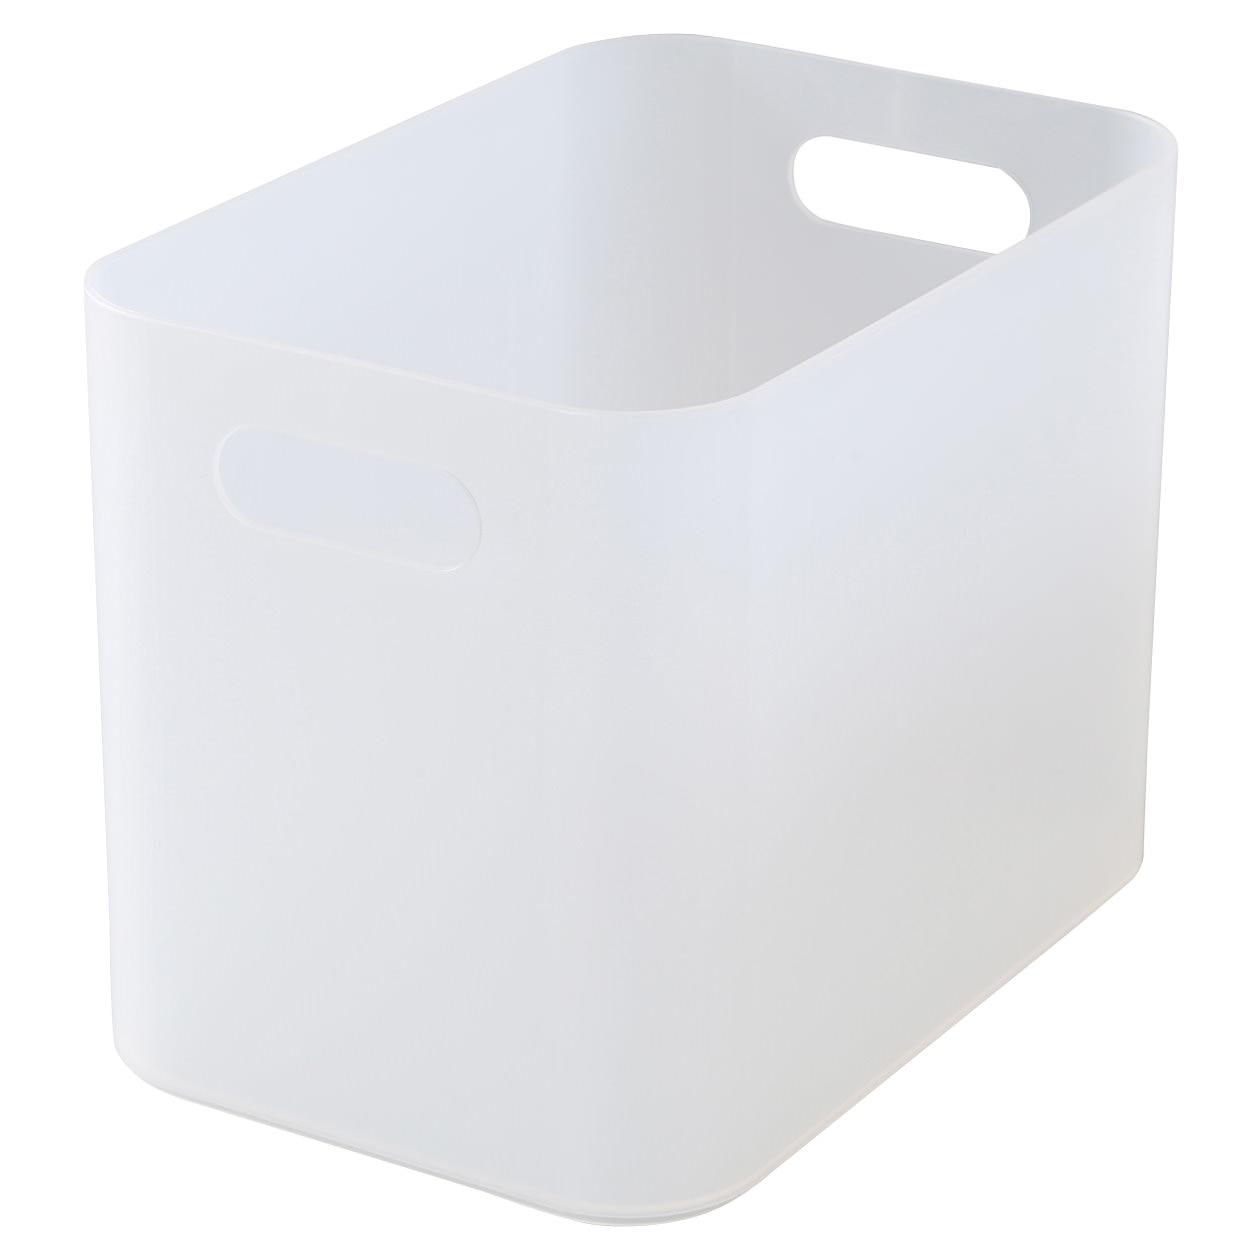 【まとめ買い】ポリプロピレンメイクボックス